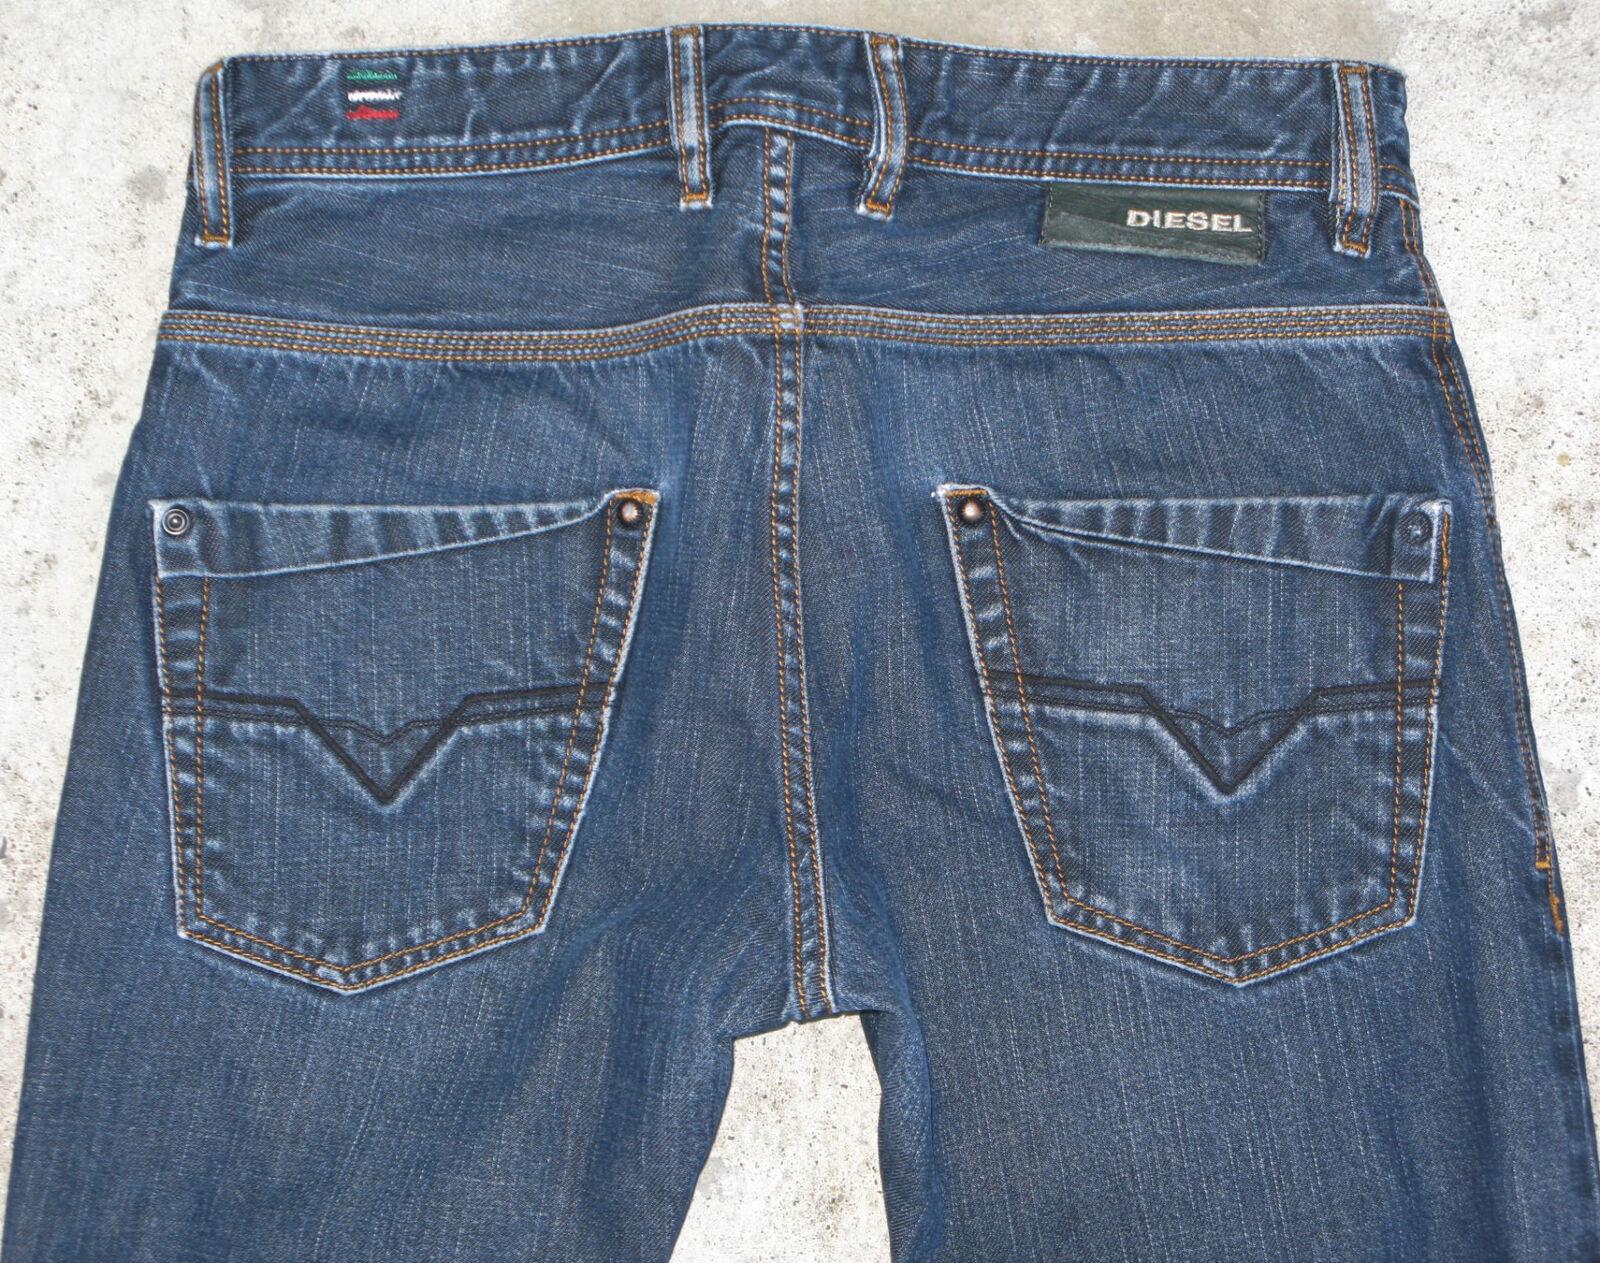 Diesel Herren Krooleg Jeans Sz 29 X 27 Enganliegend 100% Cotton 88z Italien Made  | Attraktives Aussehen